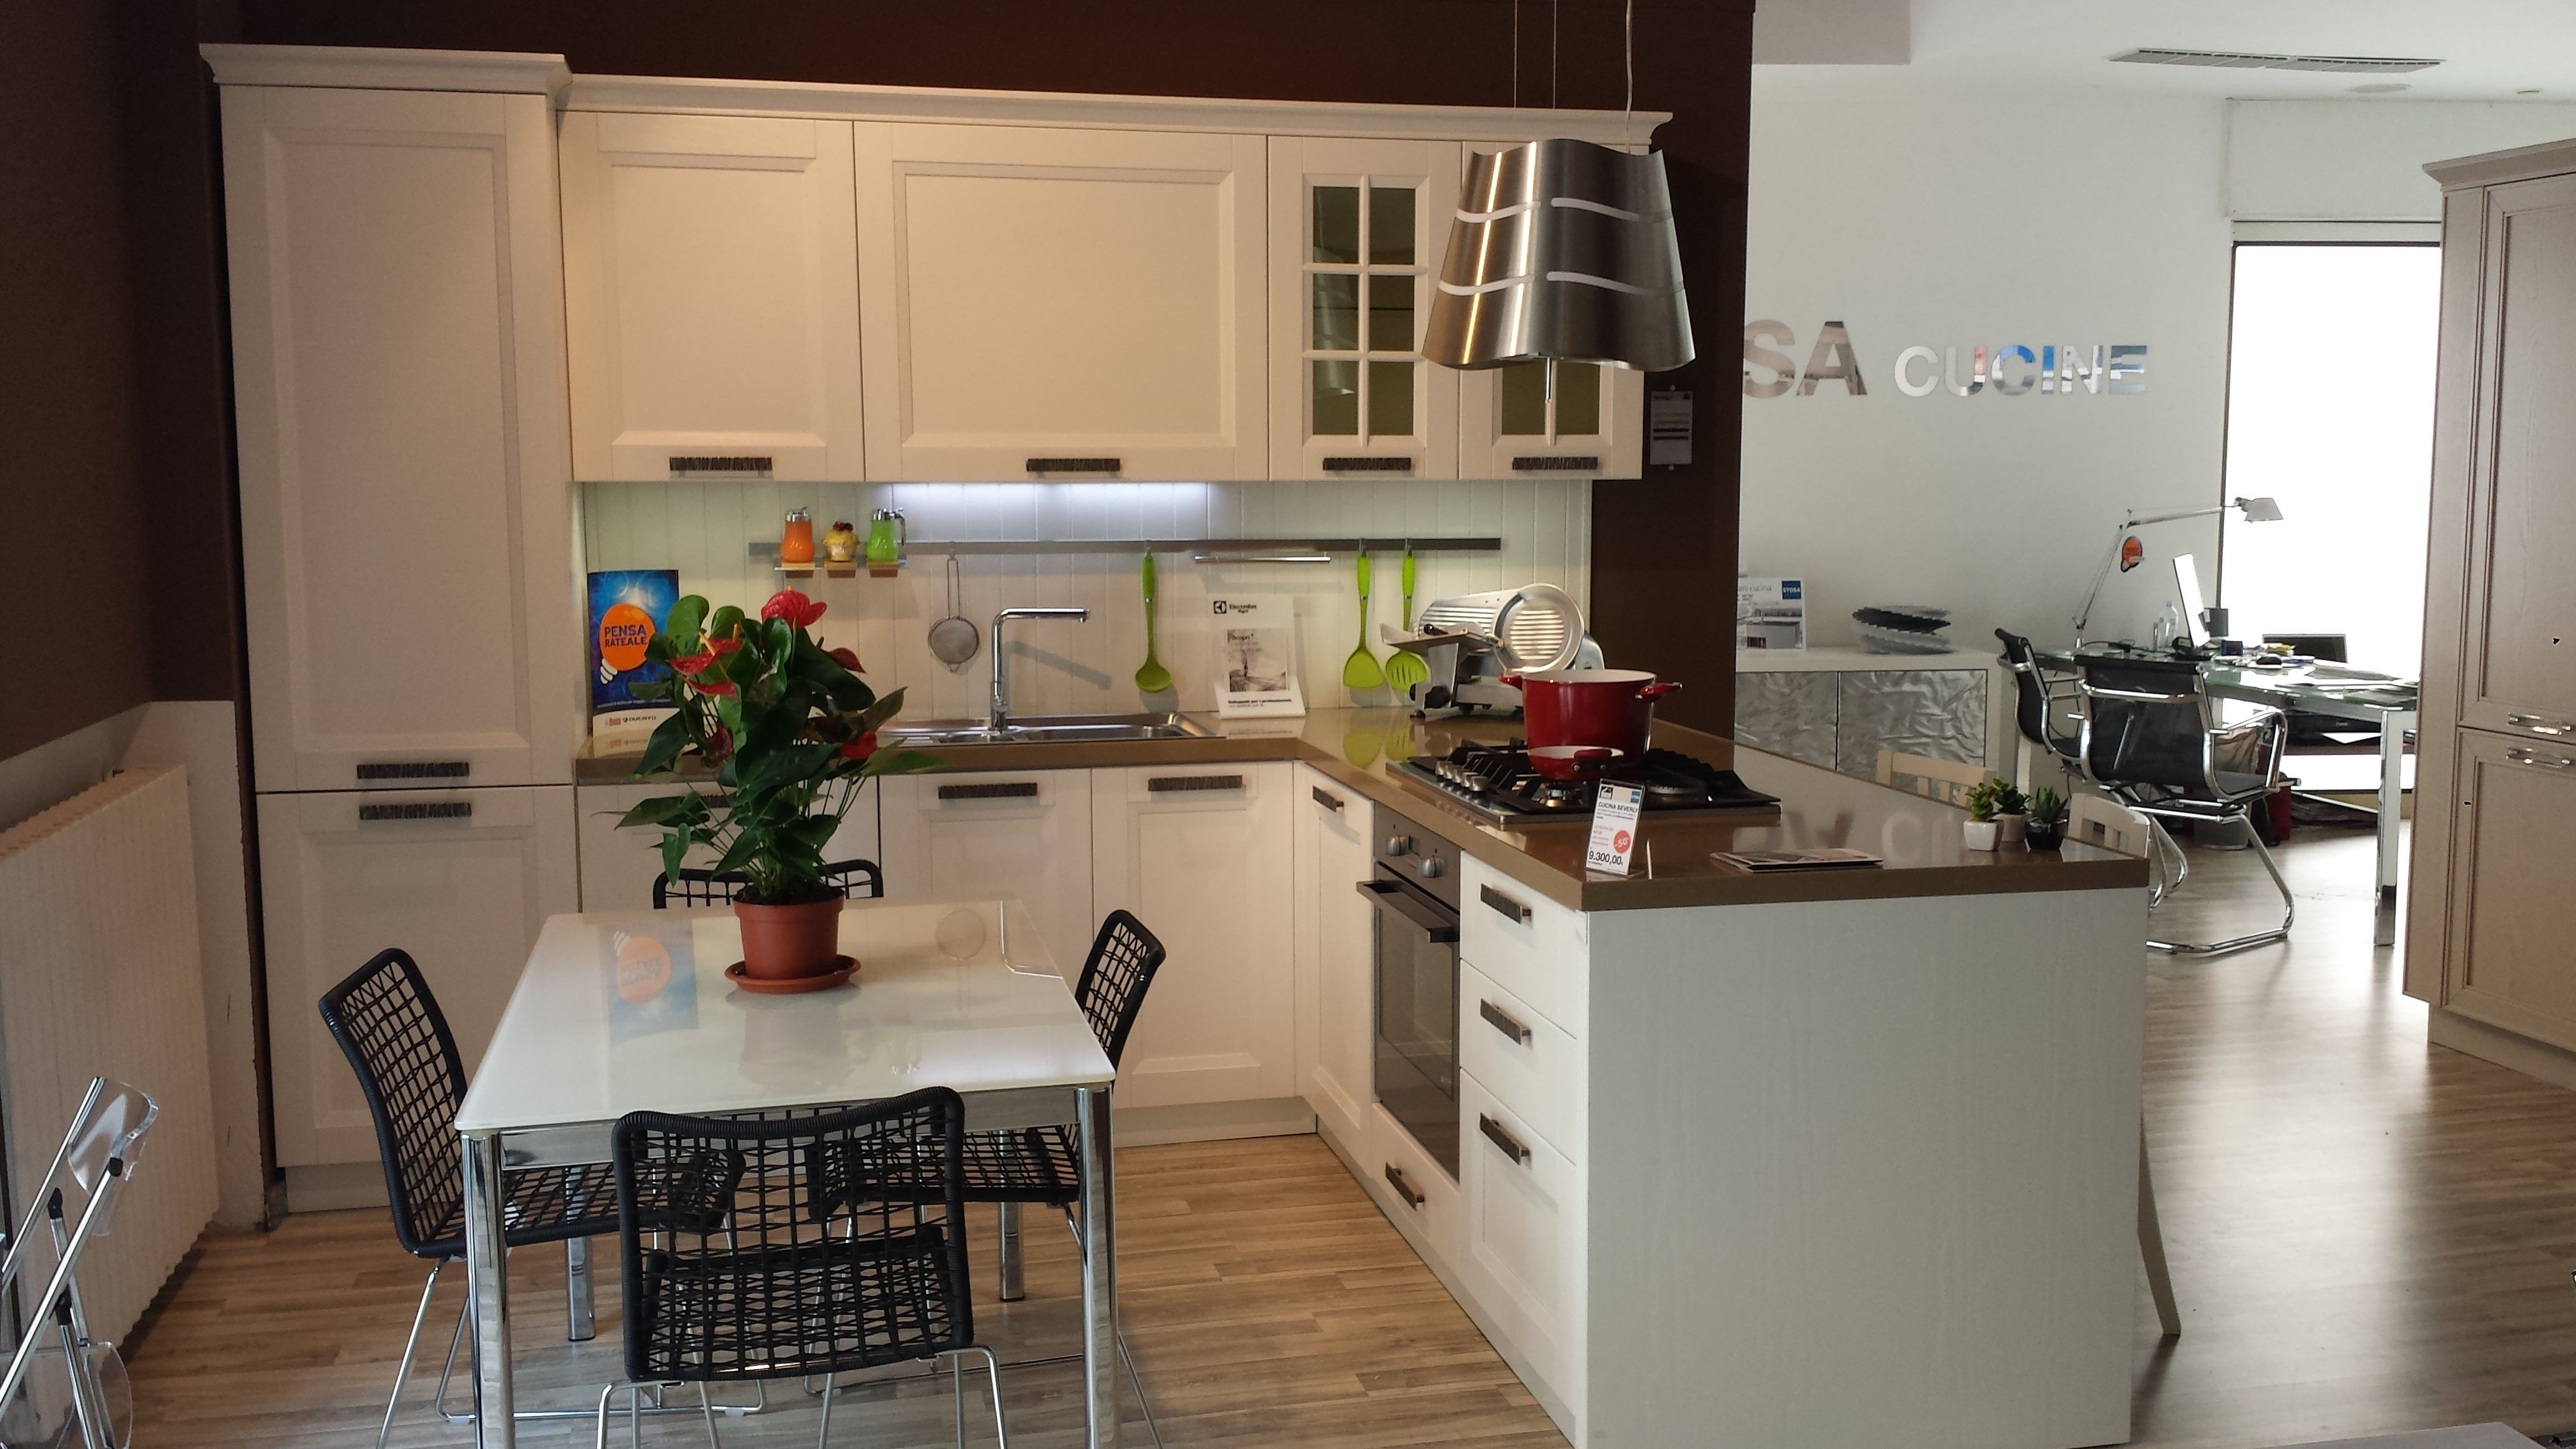 Stosa cucine cucina beverly classica legno bianca cucine for Top per cucine prezzi